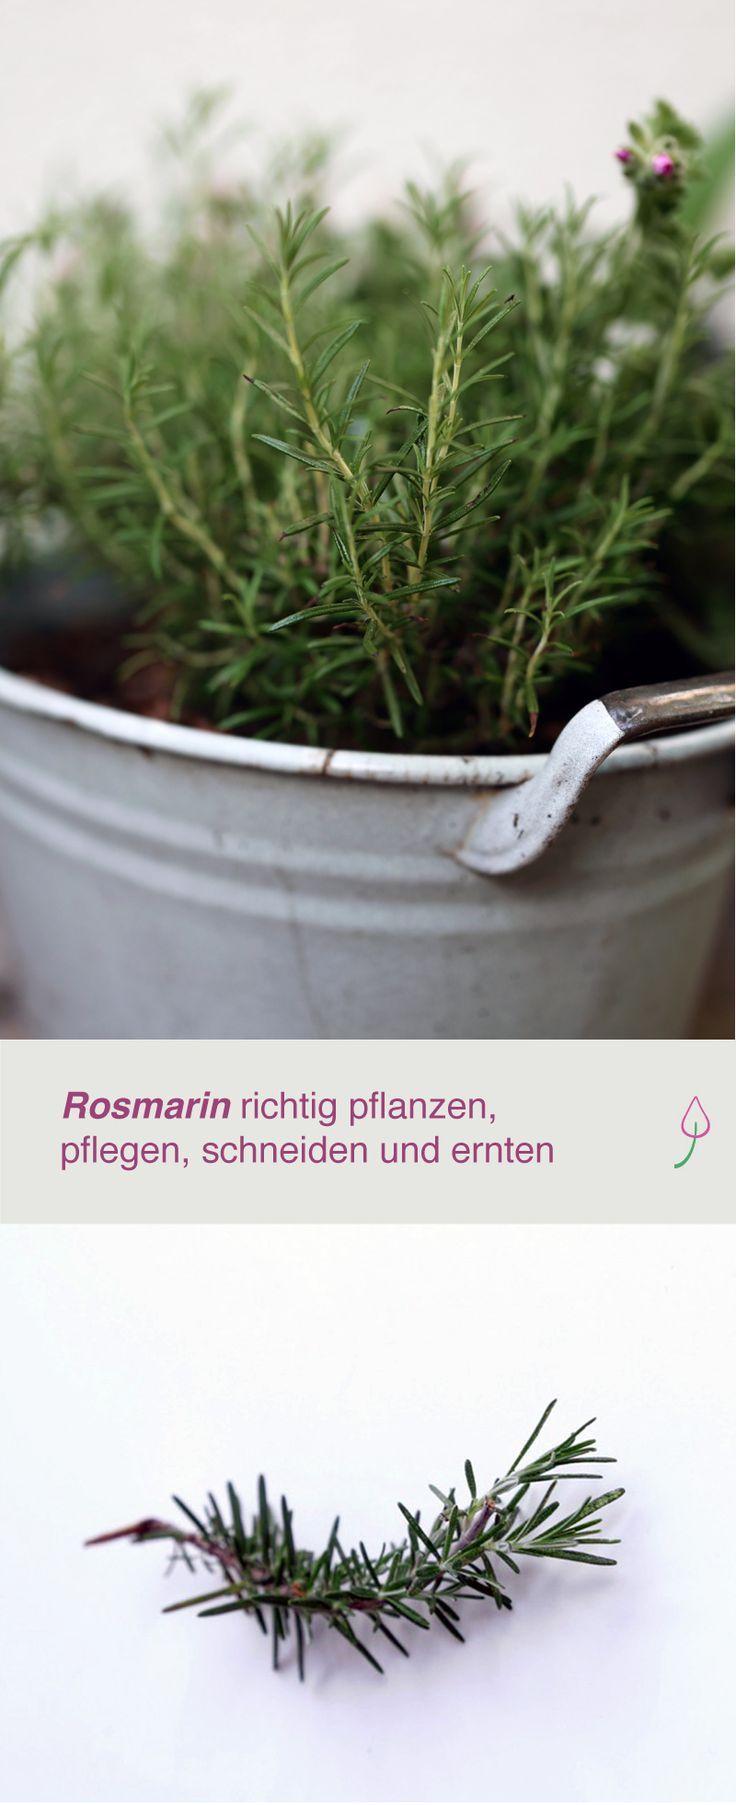 rosmarin pflanzen und pflegen garten pinterest garten pflanzen und garten pflanzen. Black Bedroom Furniture Sets. Home Design Ideas